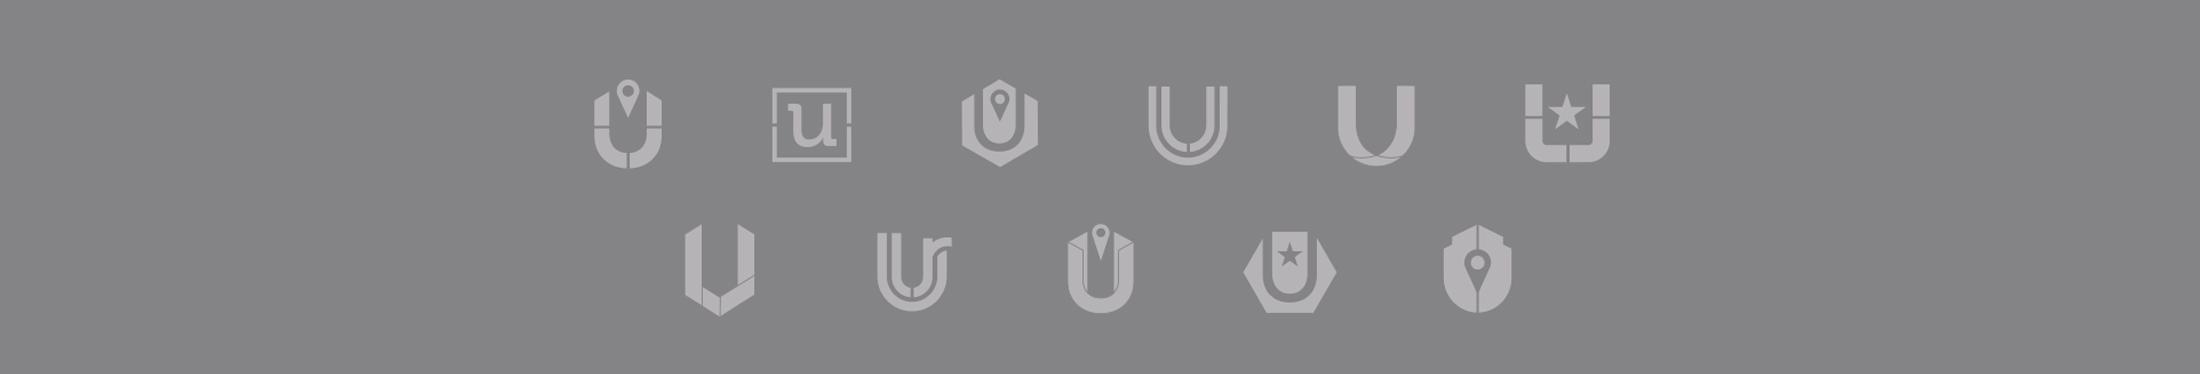 ULR_logoband